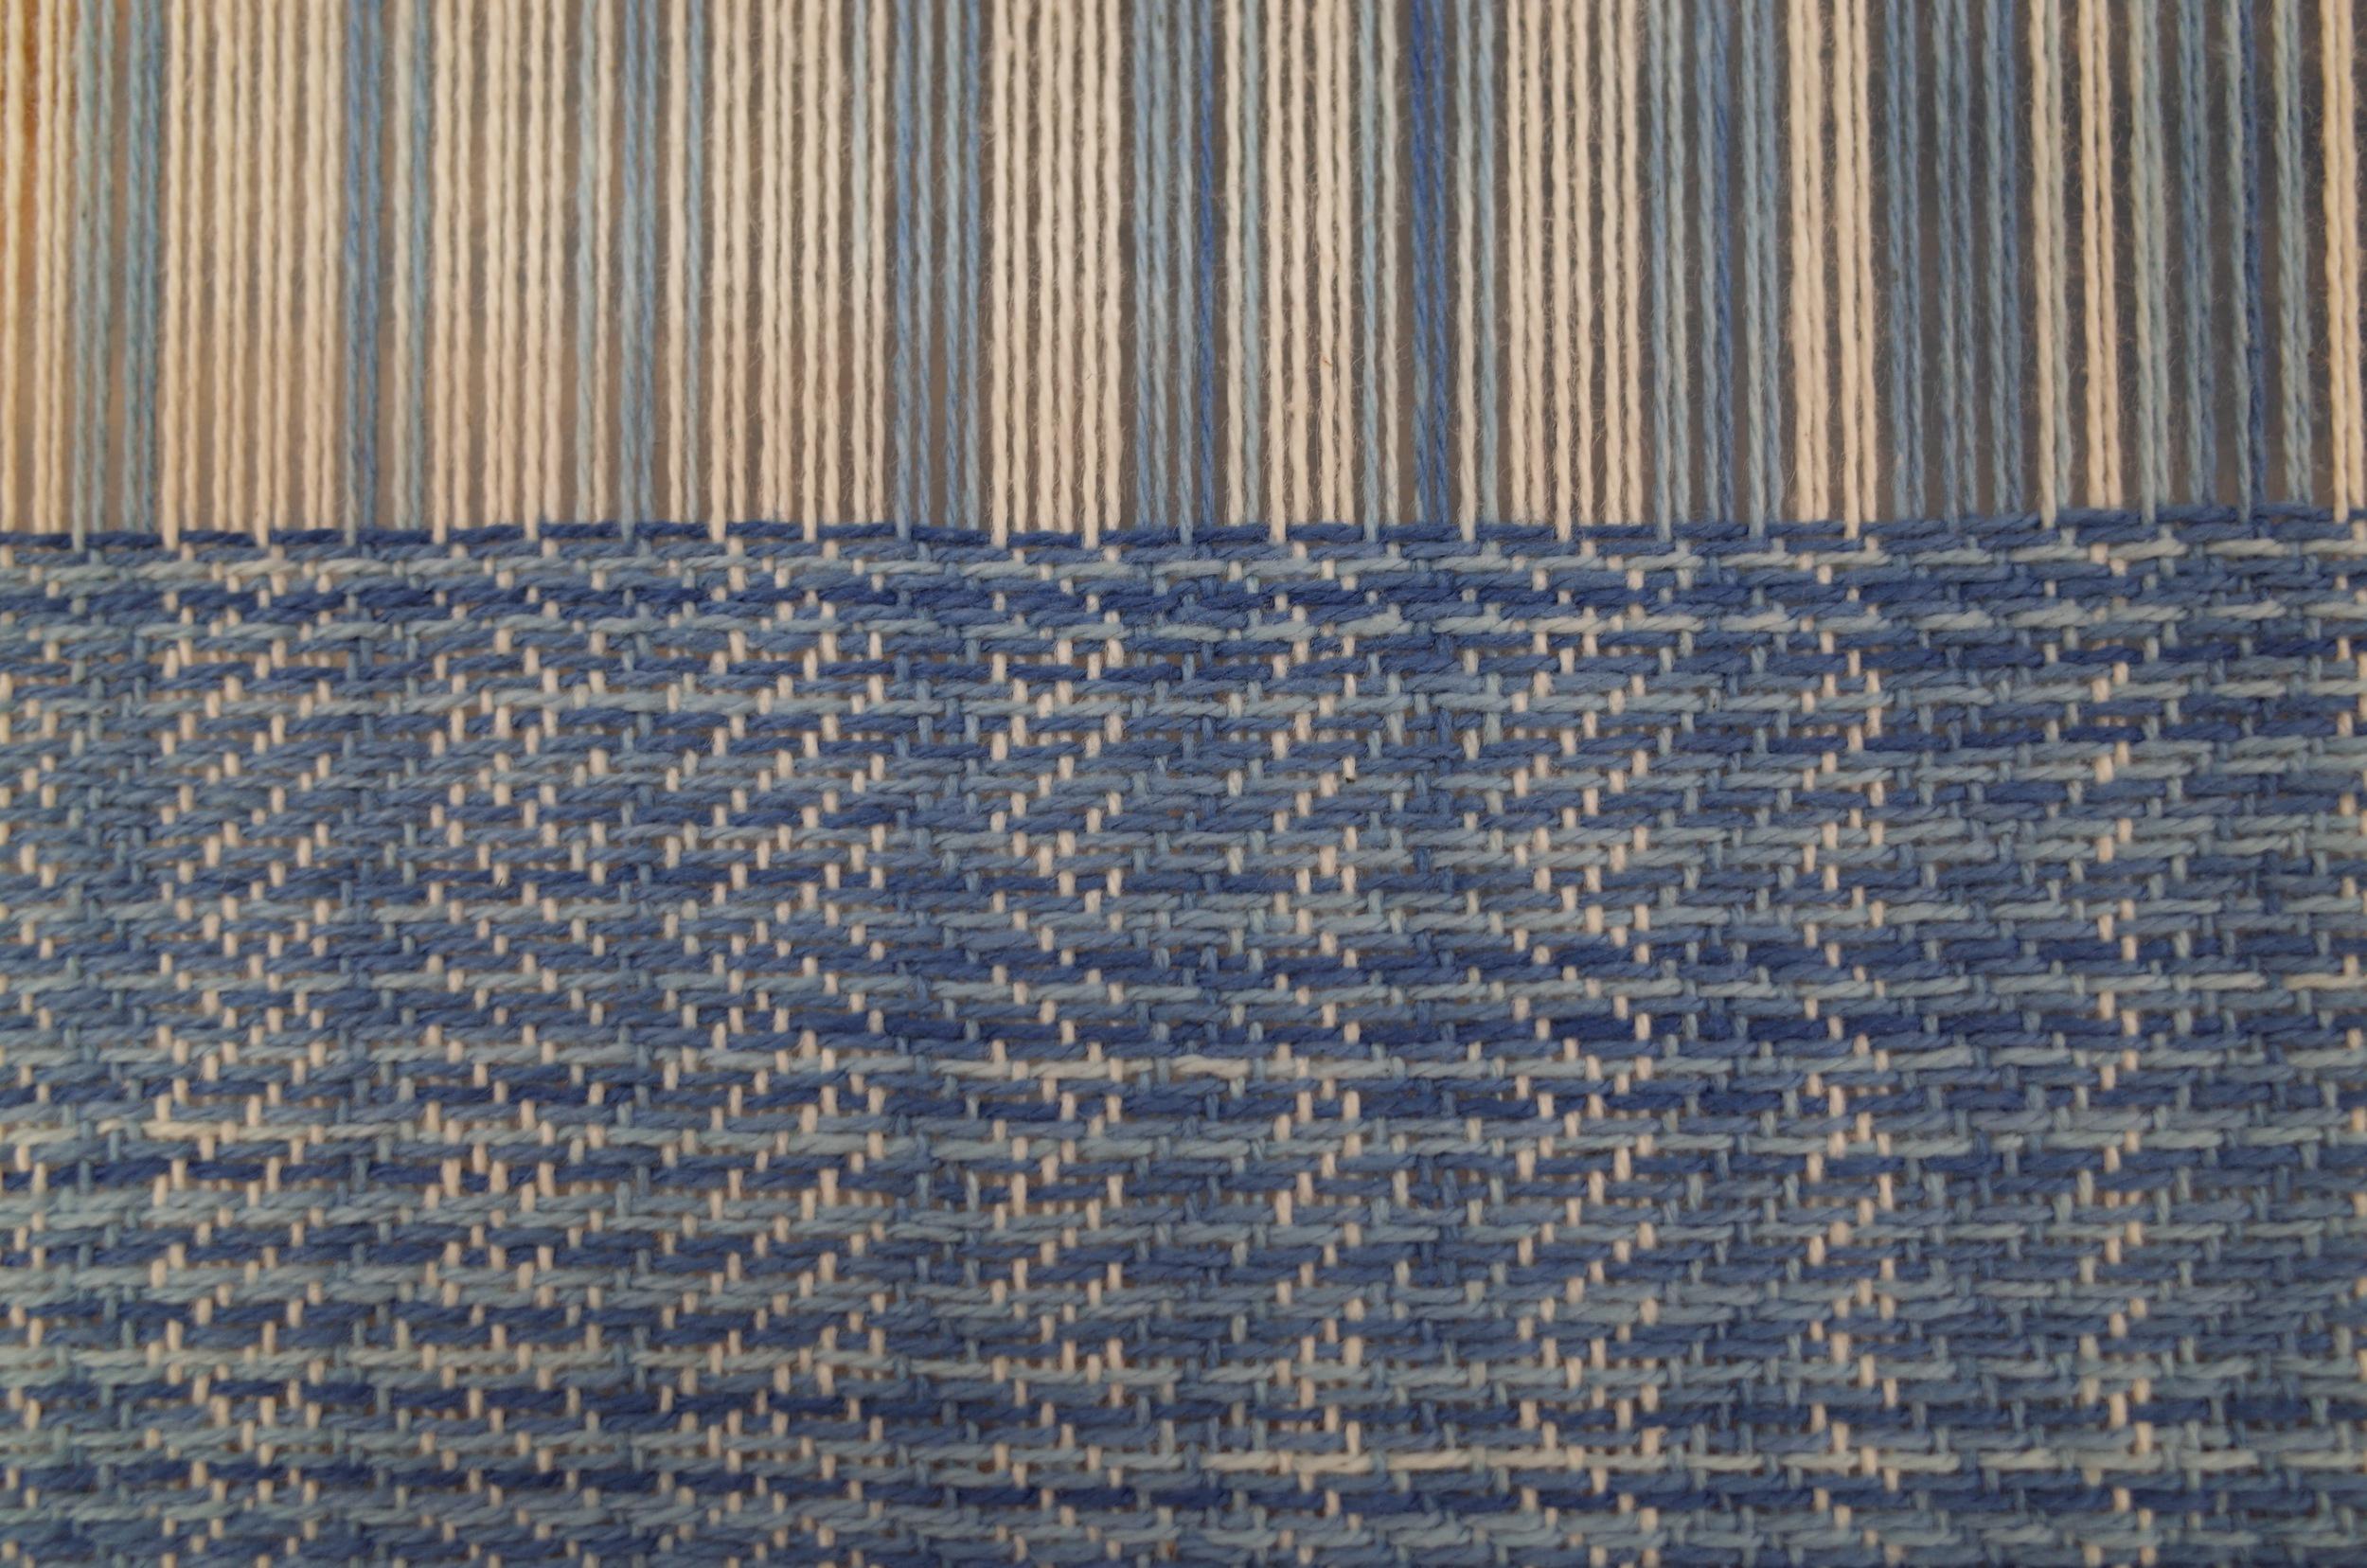 Weaving in progess detail.